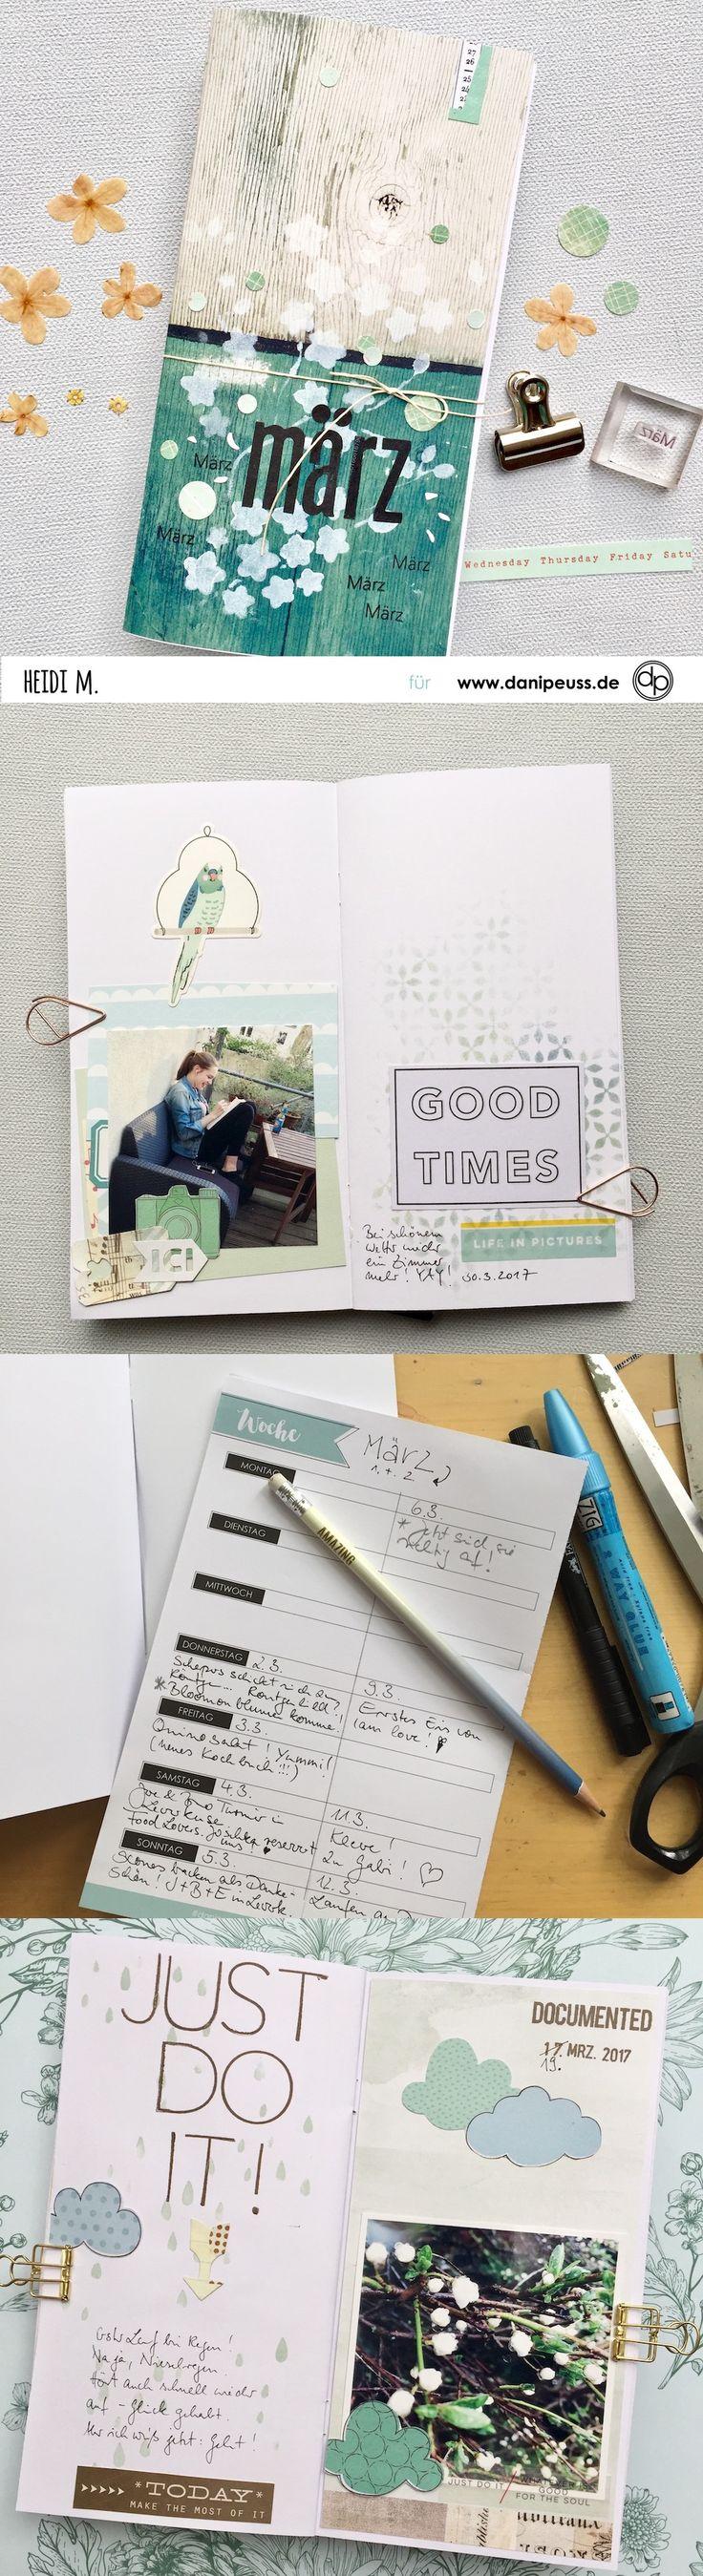 viele tolle Tipps für das Memory Keeping im danidori Memory Notebook   Tutorial von Heidi für www.danipeuss.de